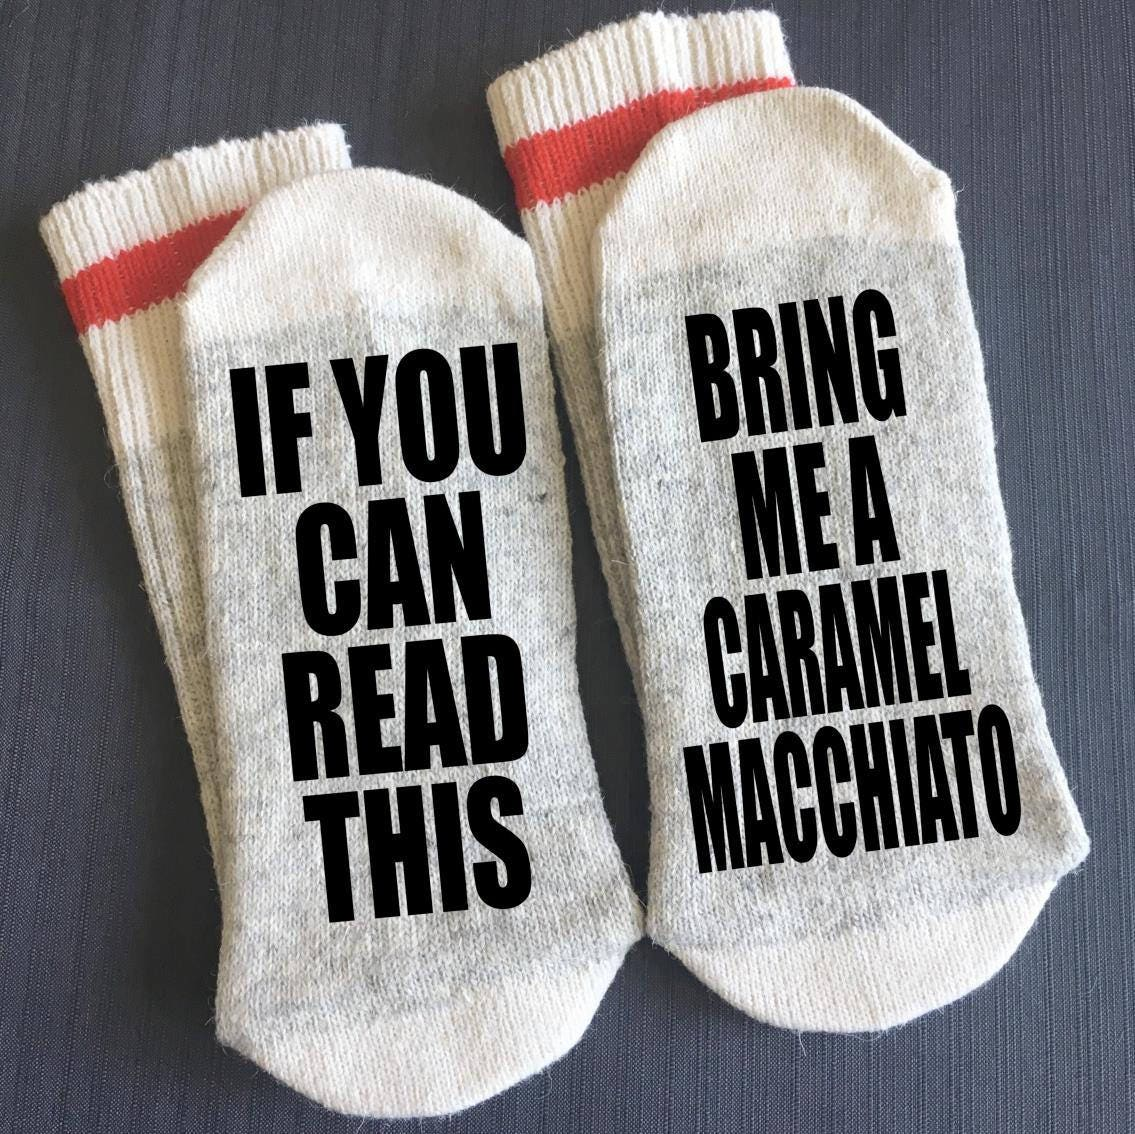 Kaffee-Kaffee Geschenke-Caramel Macchiato-Latte   Etsy